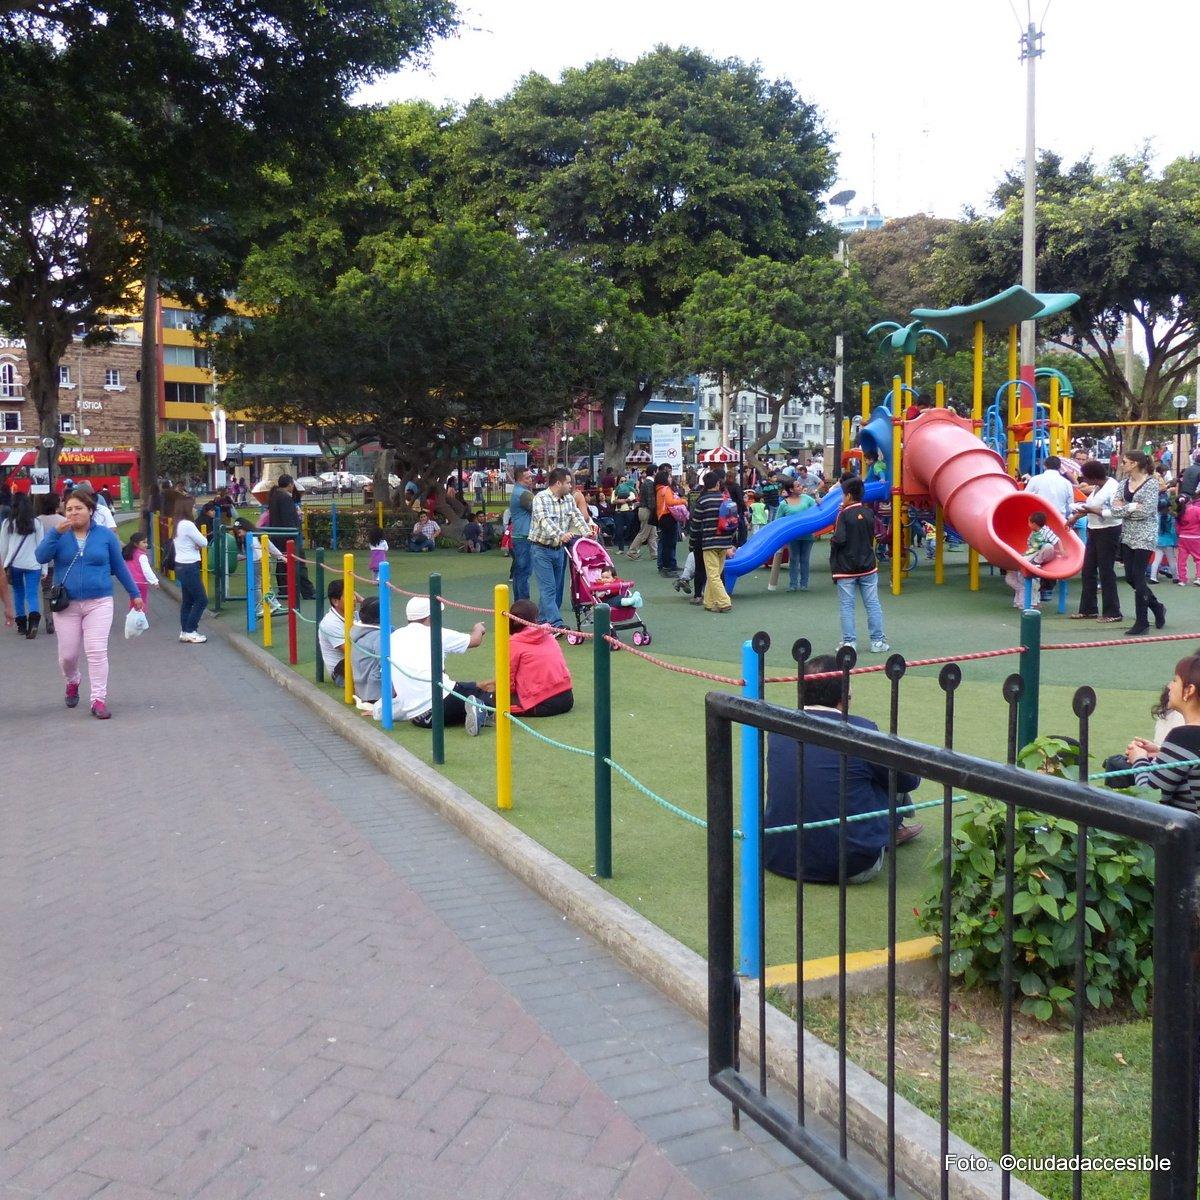 juegos infantiles en plaza de Lima conectados a ruta exterior